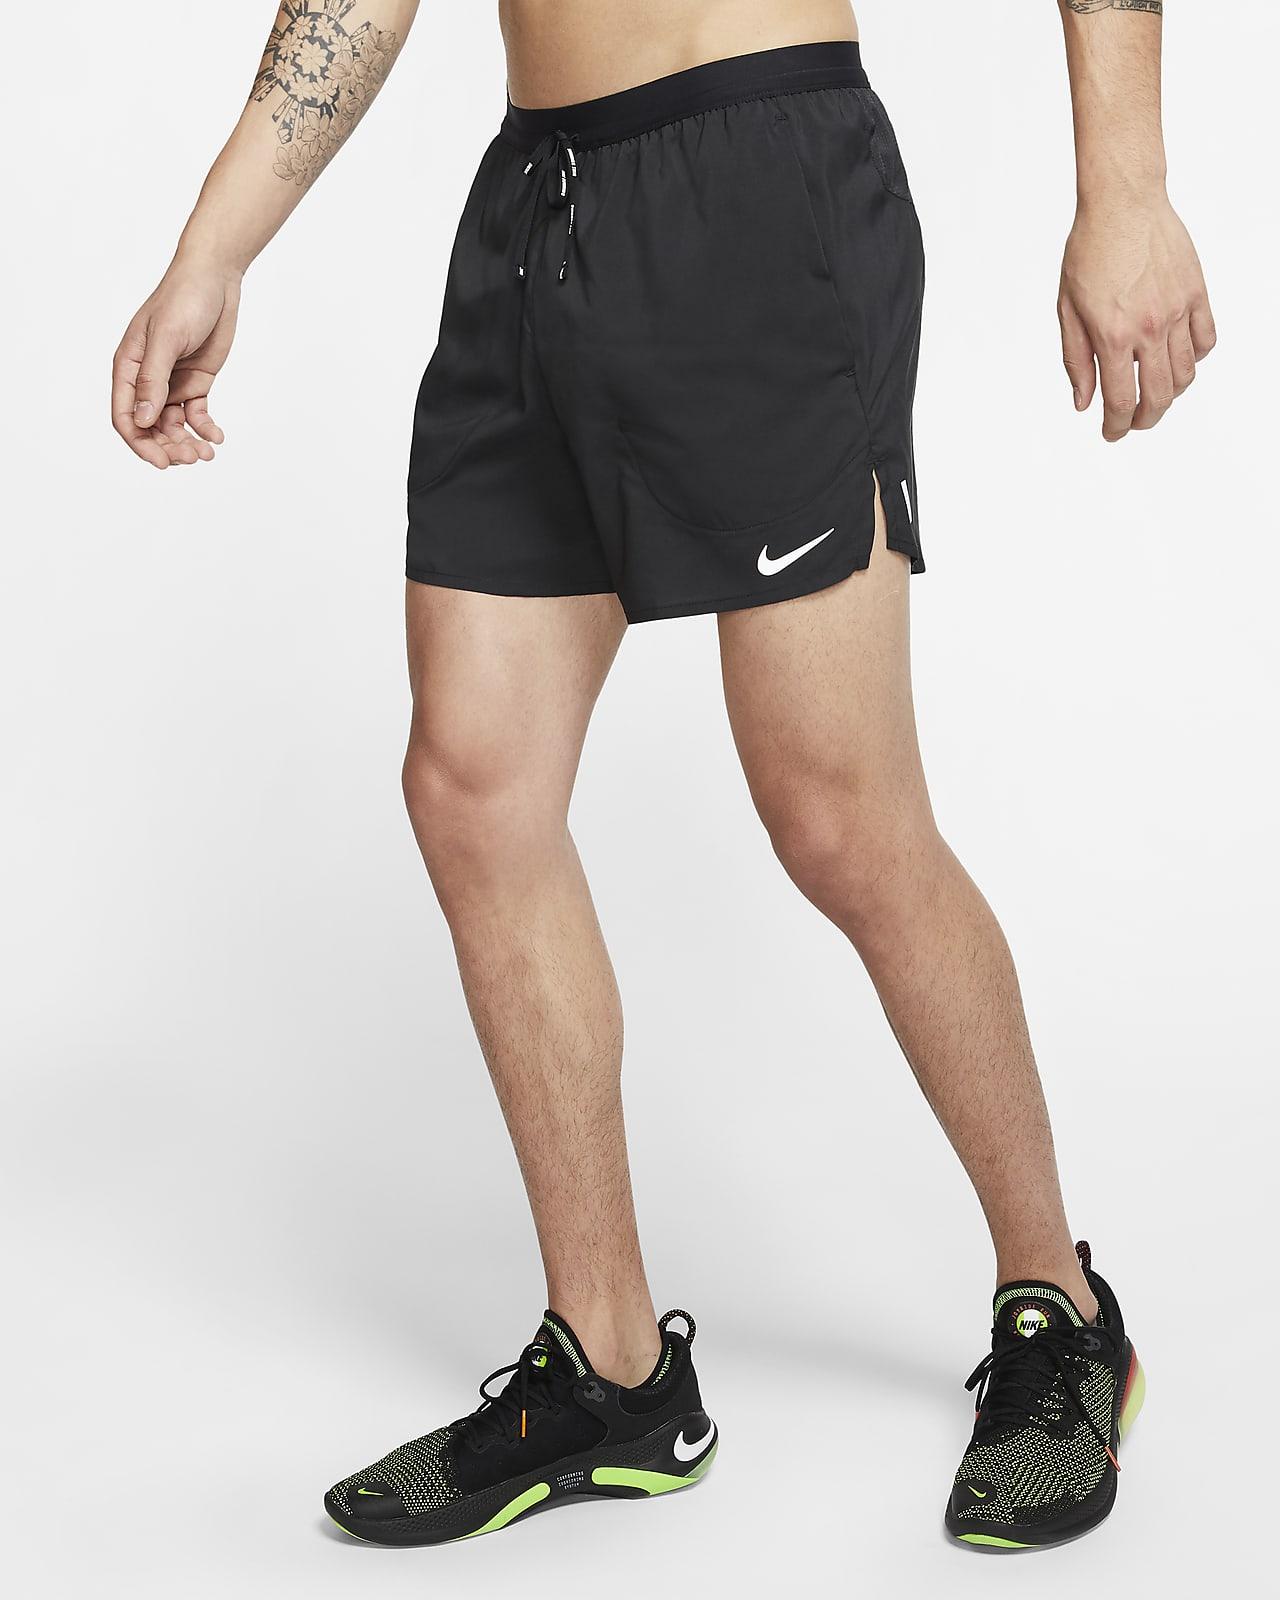 Short de running avec slip intégré Nike Flex Stride 13 cm pour Homme